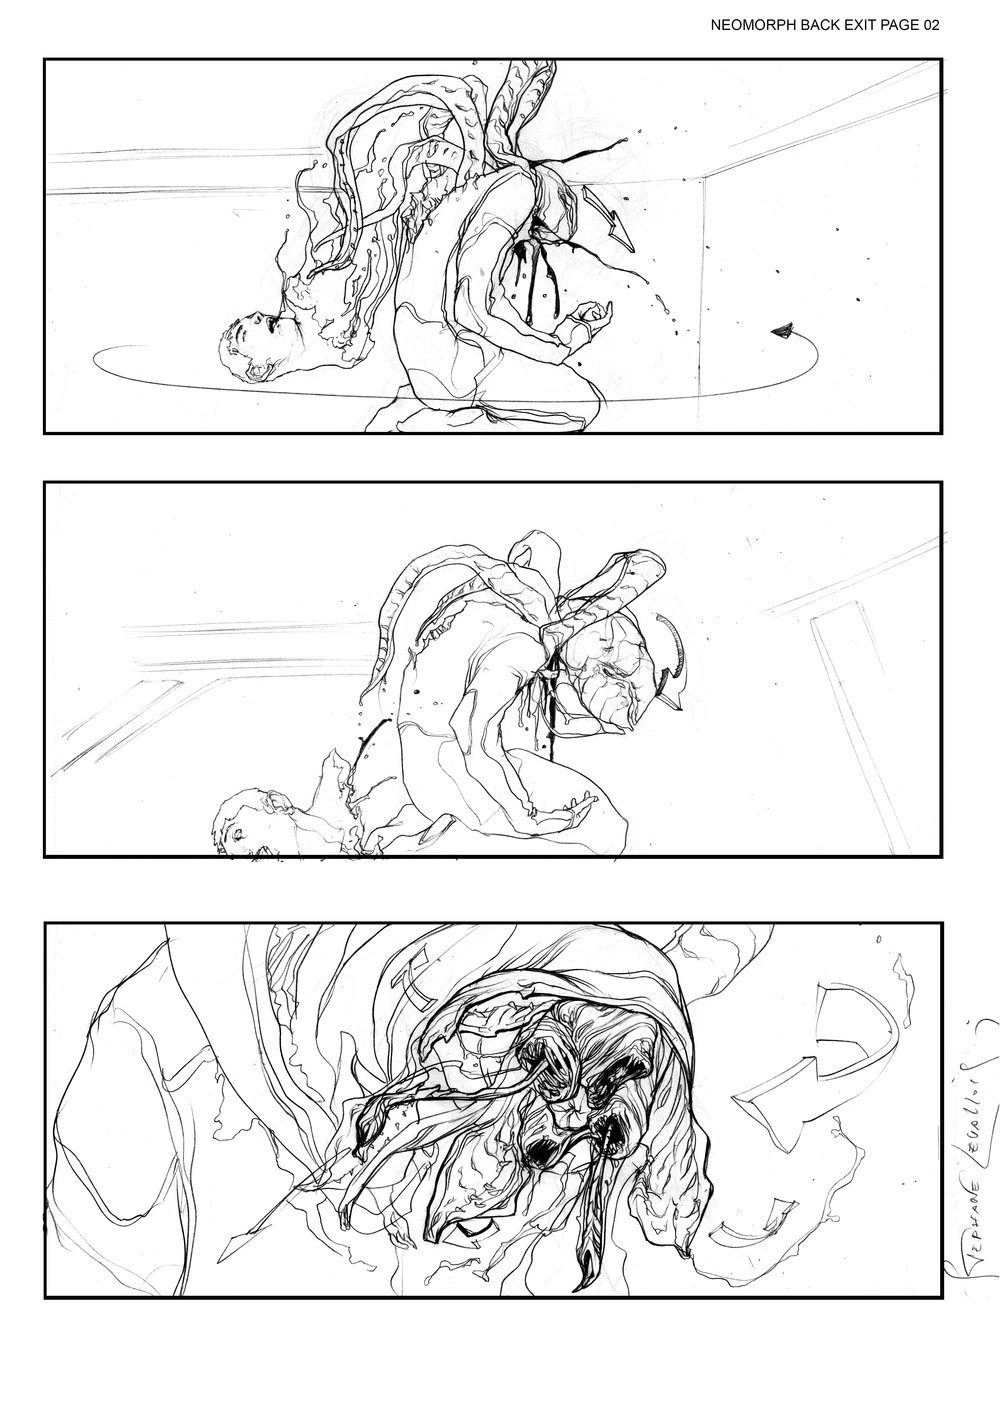 PAR_Neomorph_storyboard_SL02.page02.jpg